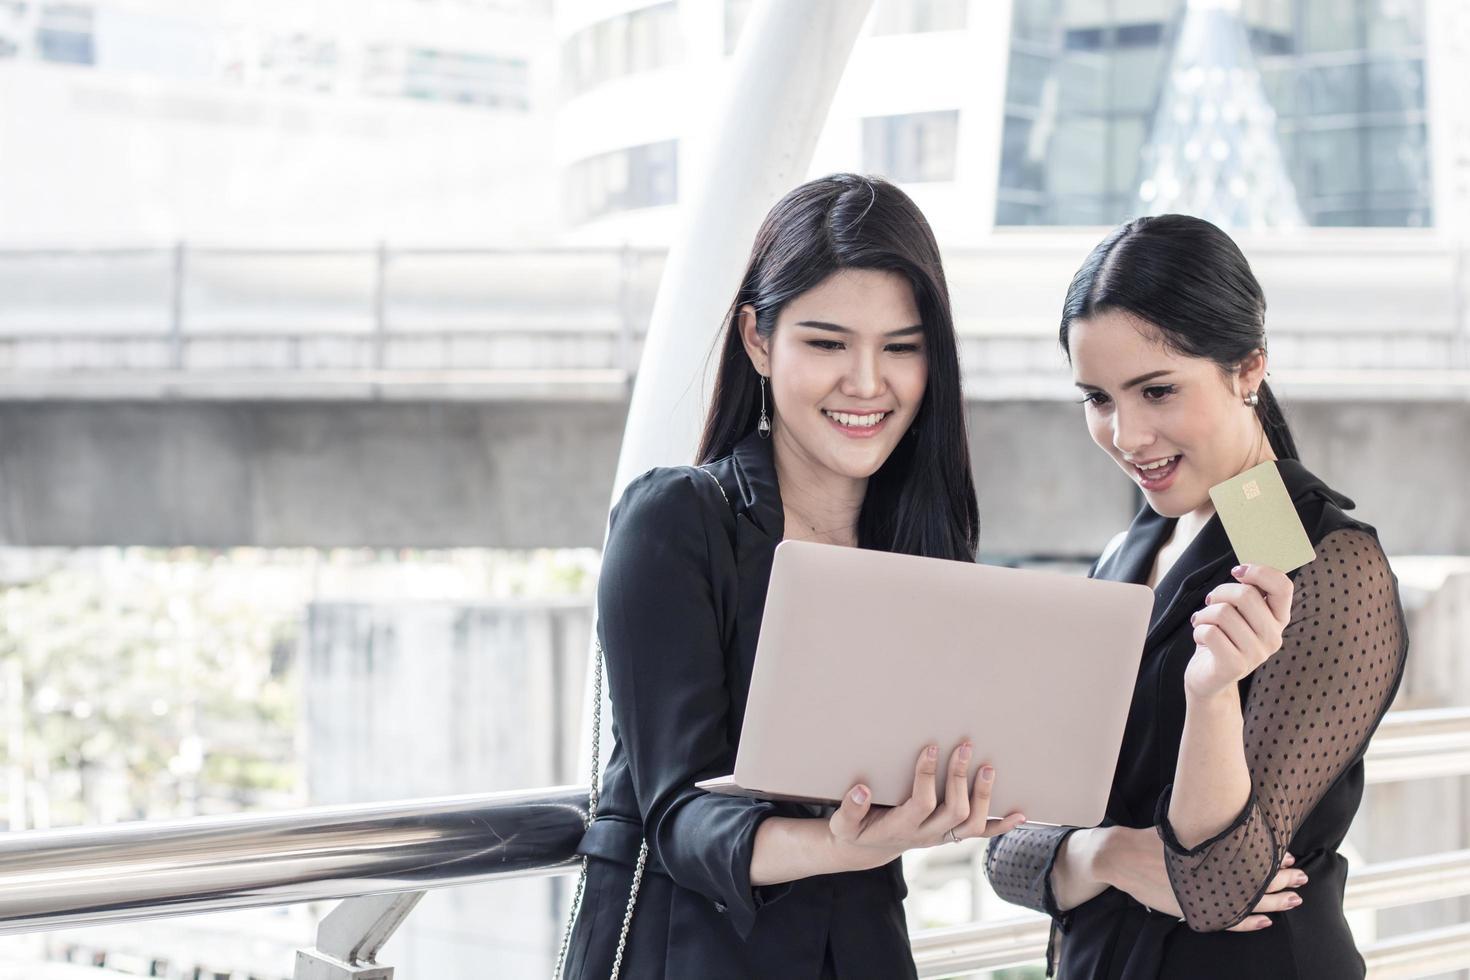 zwei Geschäftsfrauen, die online einkaufen foto